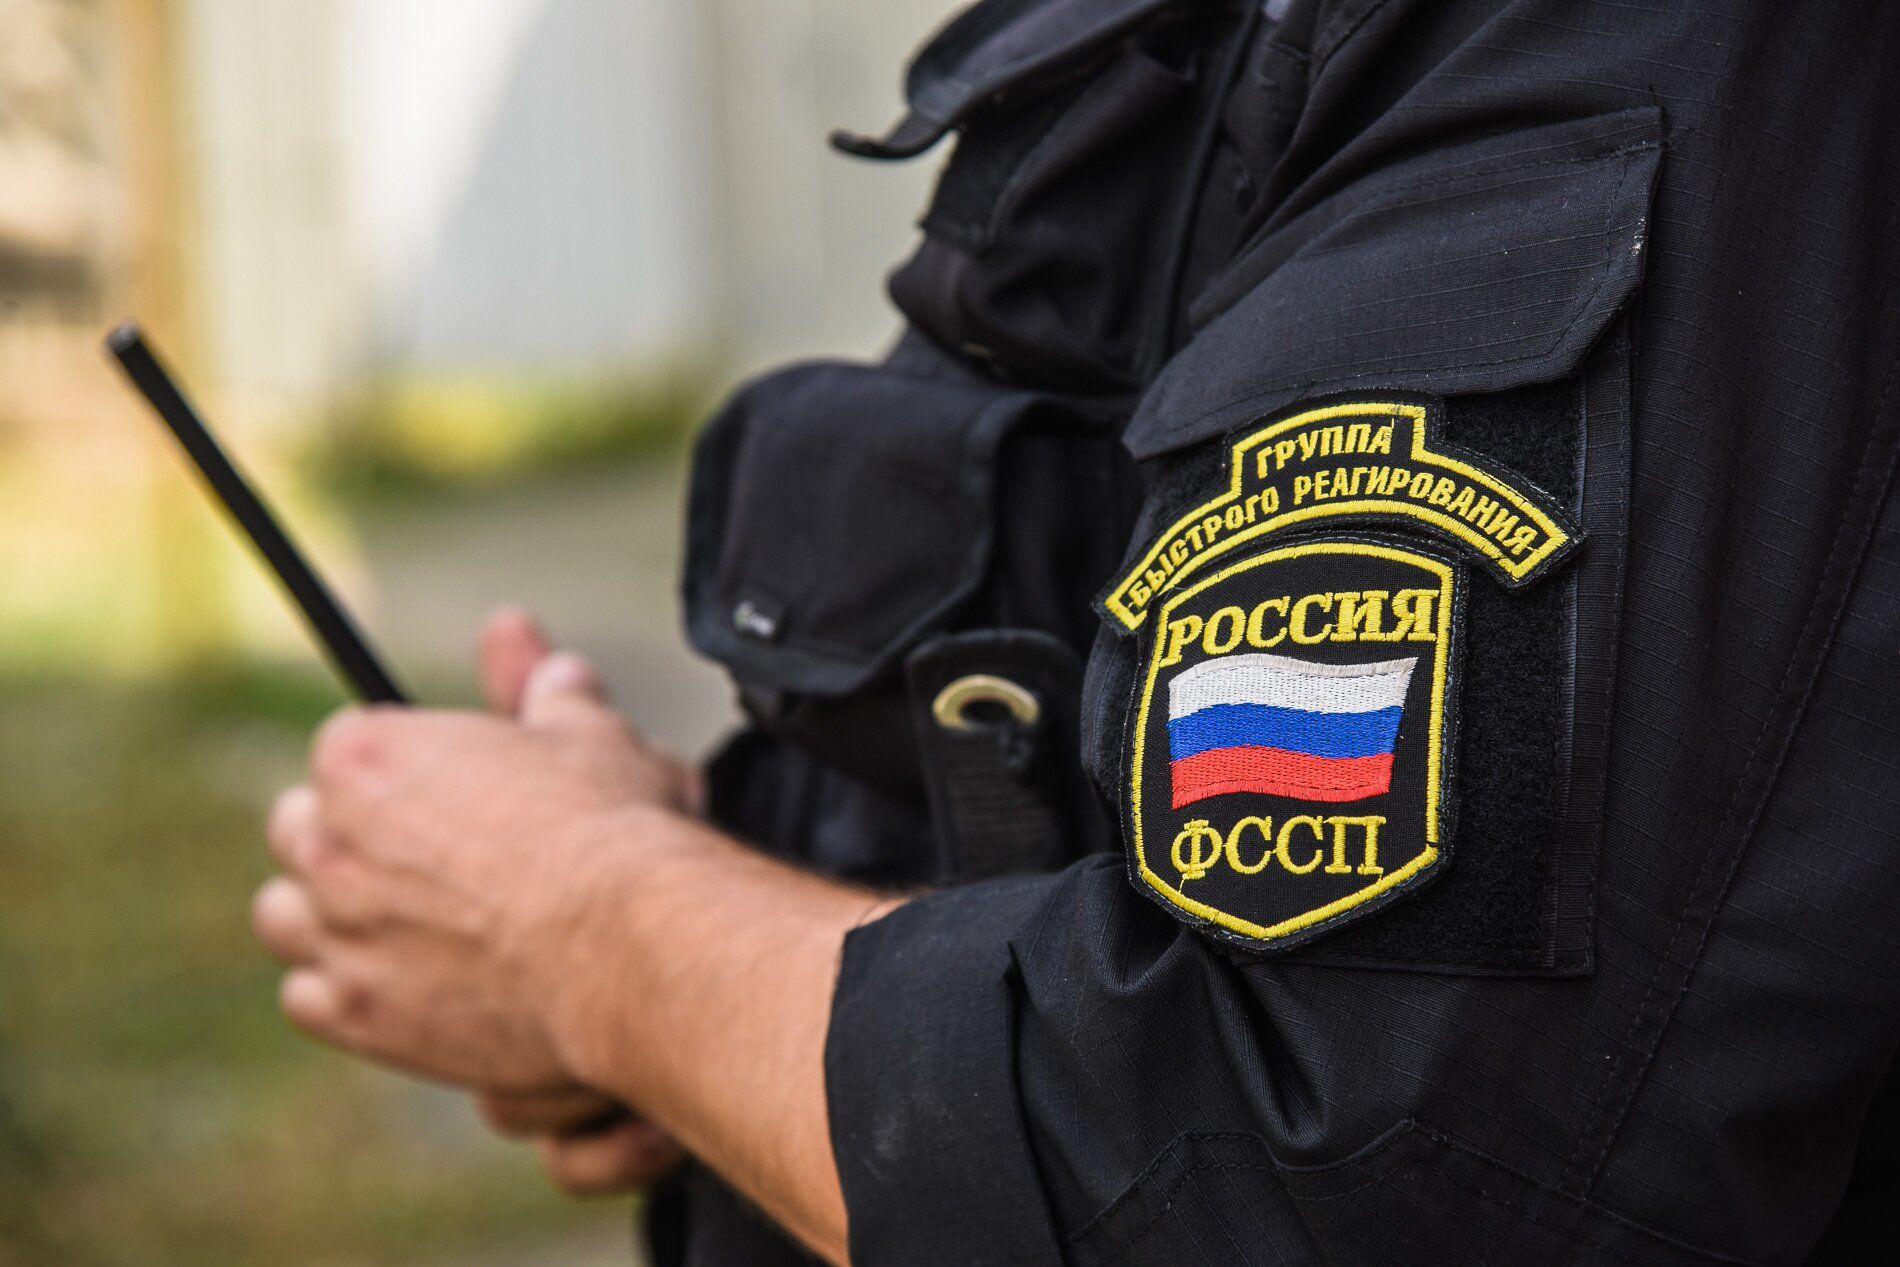 ВКраснодаре заантисанитарию идолги поЖКХ изквартиры выселили пенсионерку